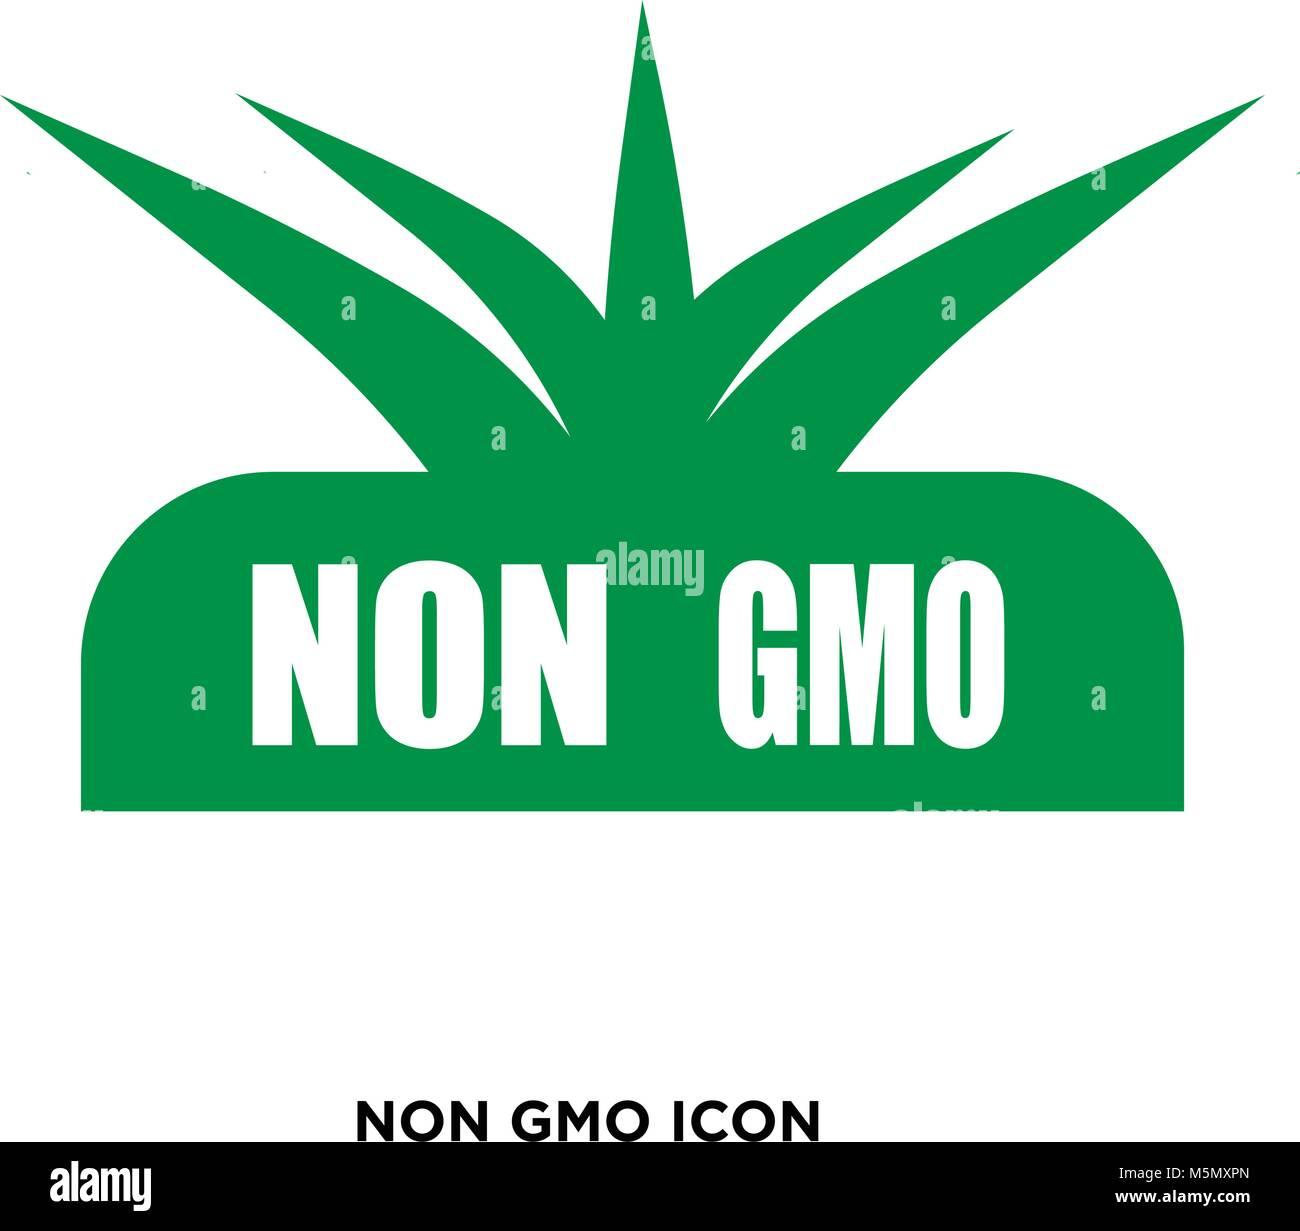 Gmo free icon stock photos gmo free icon stock images alamy non gmo icon stock image buycottarizona Images